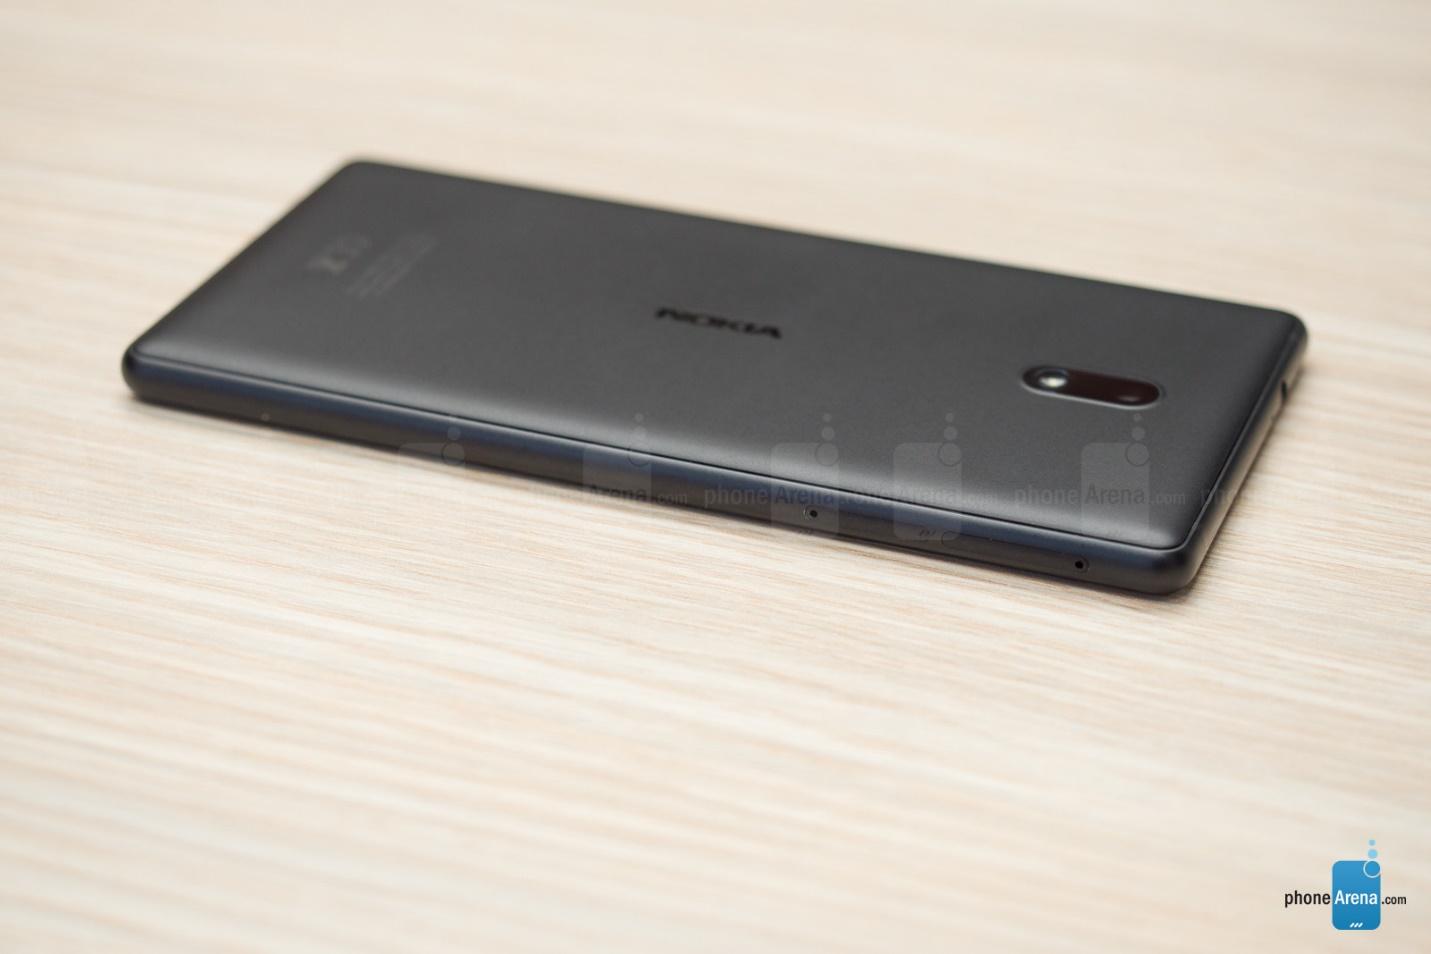 https://i-cdn.phonearena.com/images/reviews/208373-image/Nokia-3-Review-060.jpg